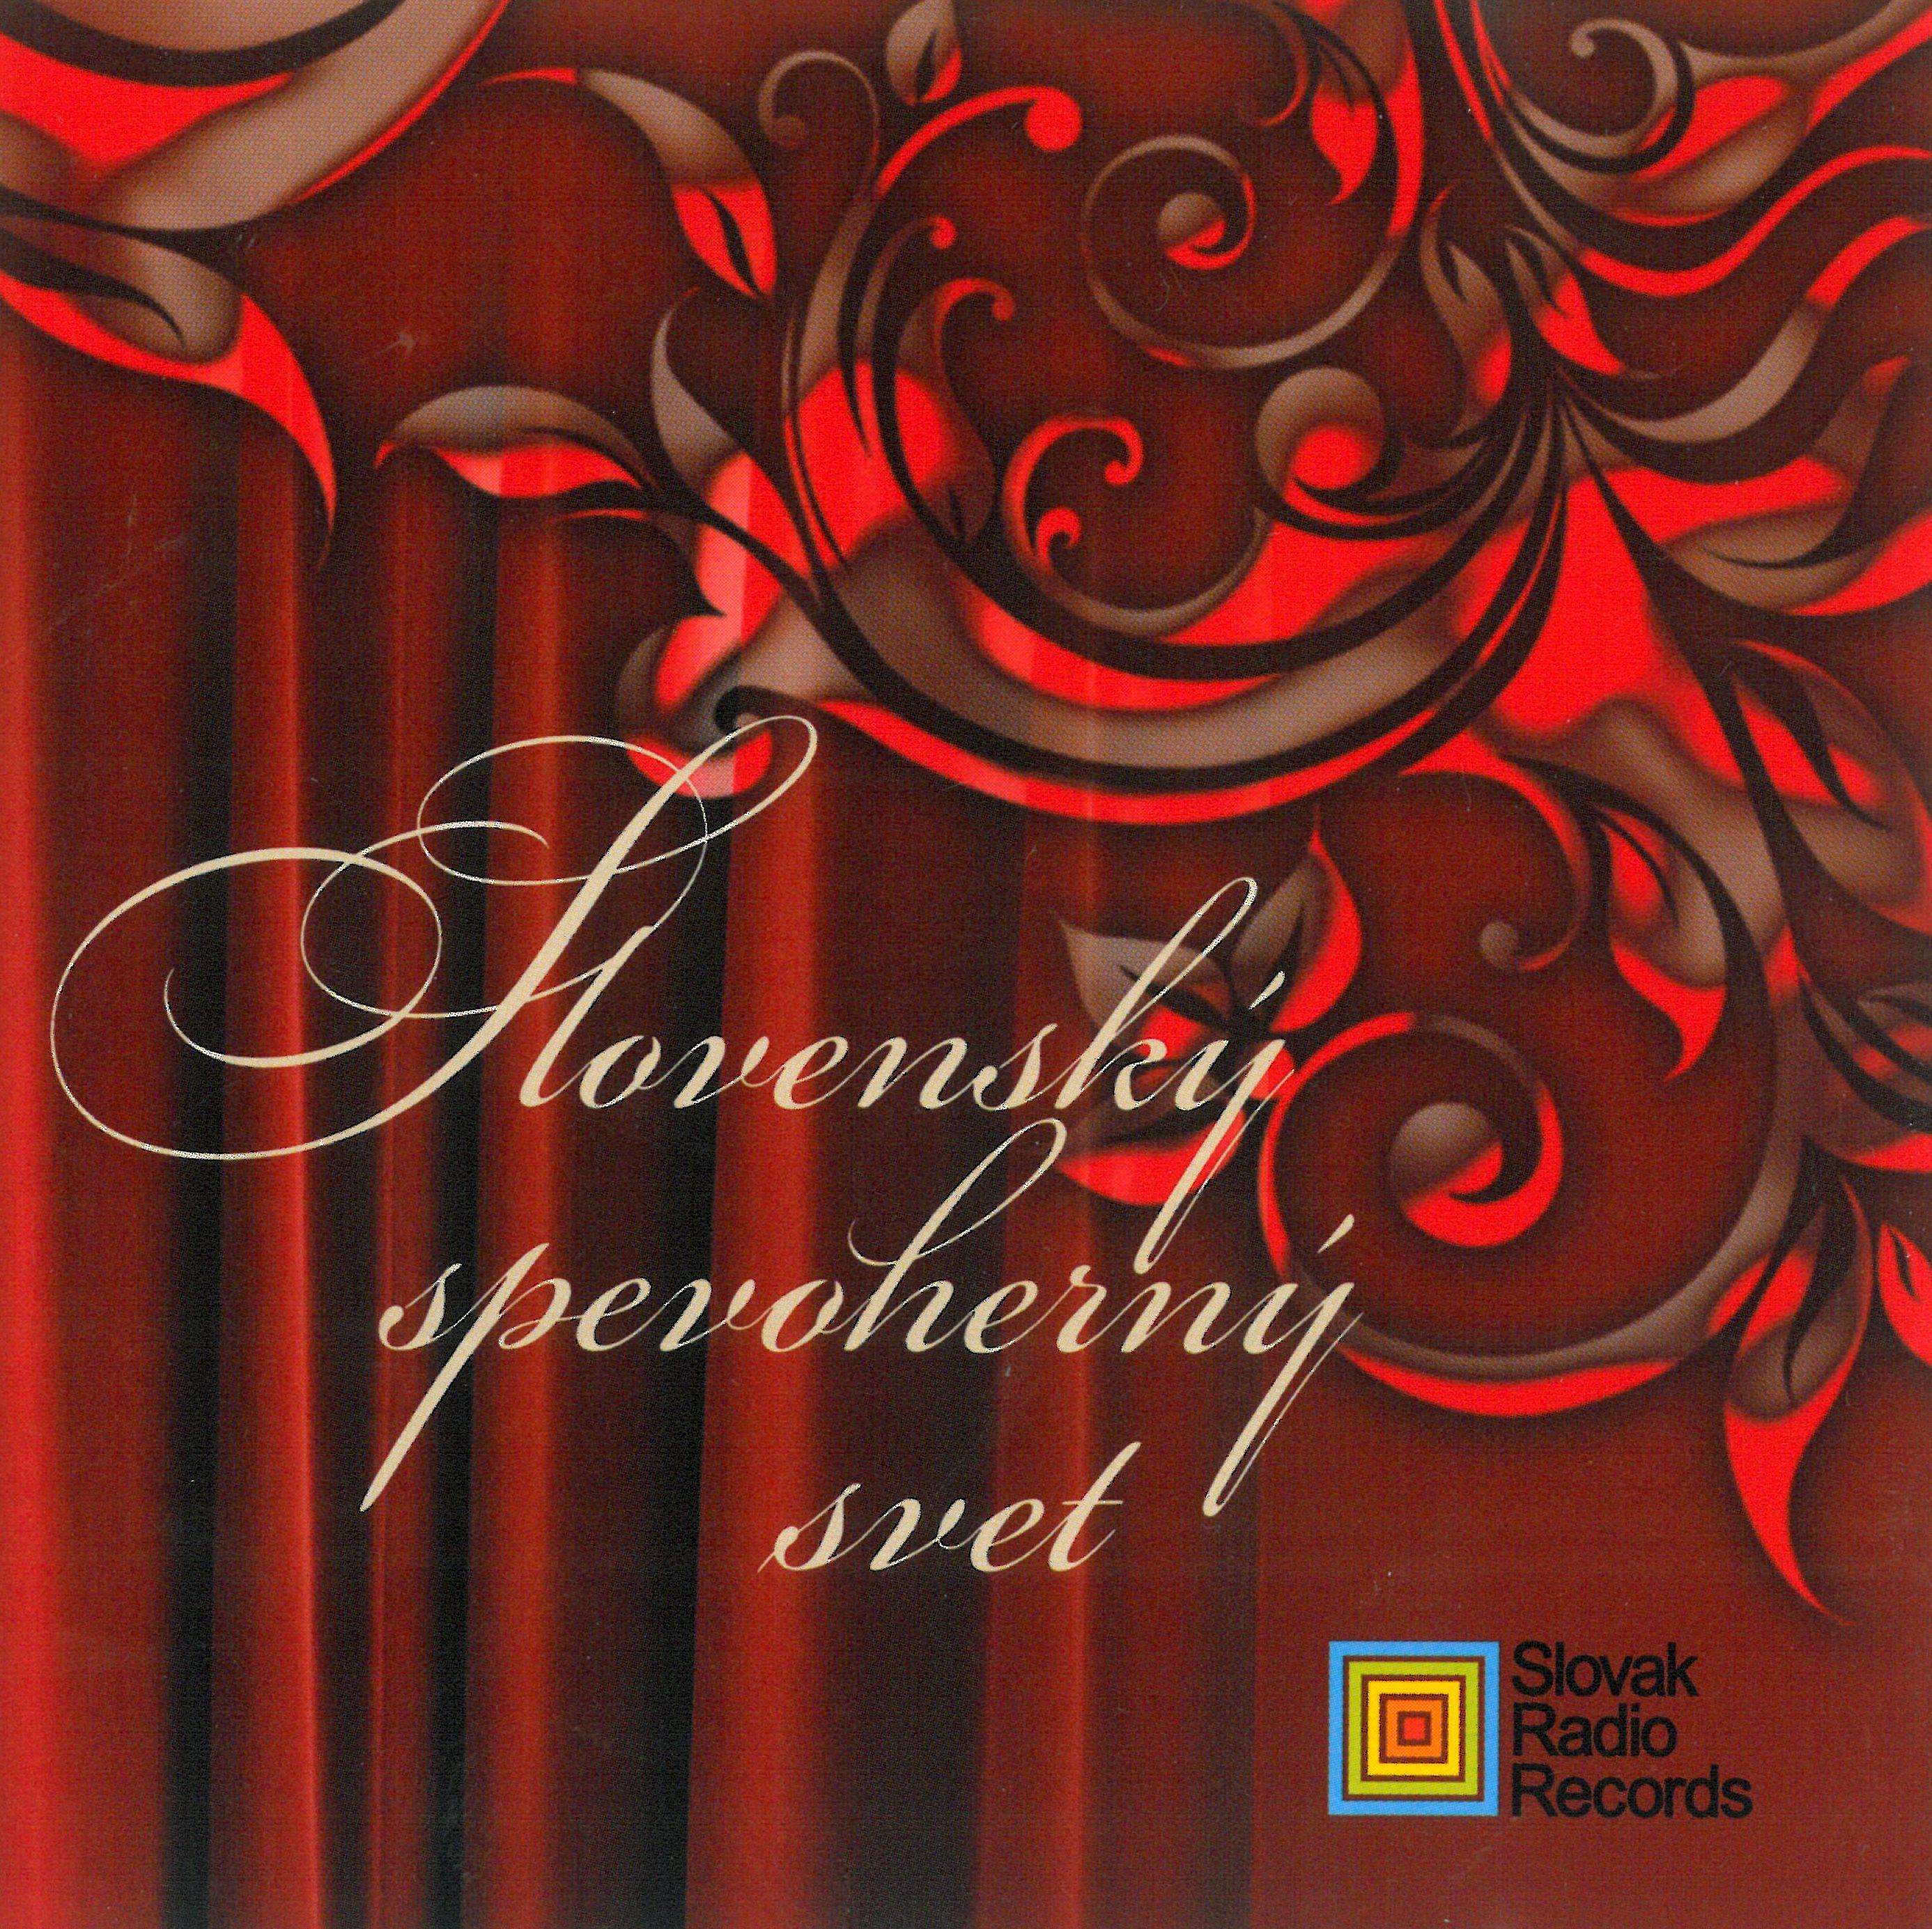 CD Slovenský spevoherný svet